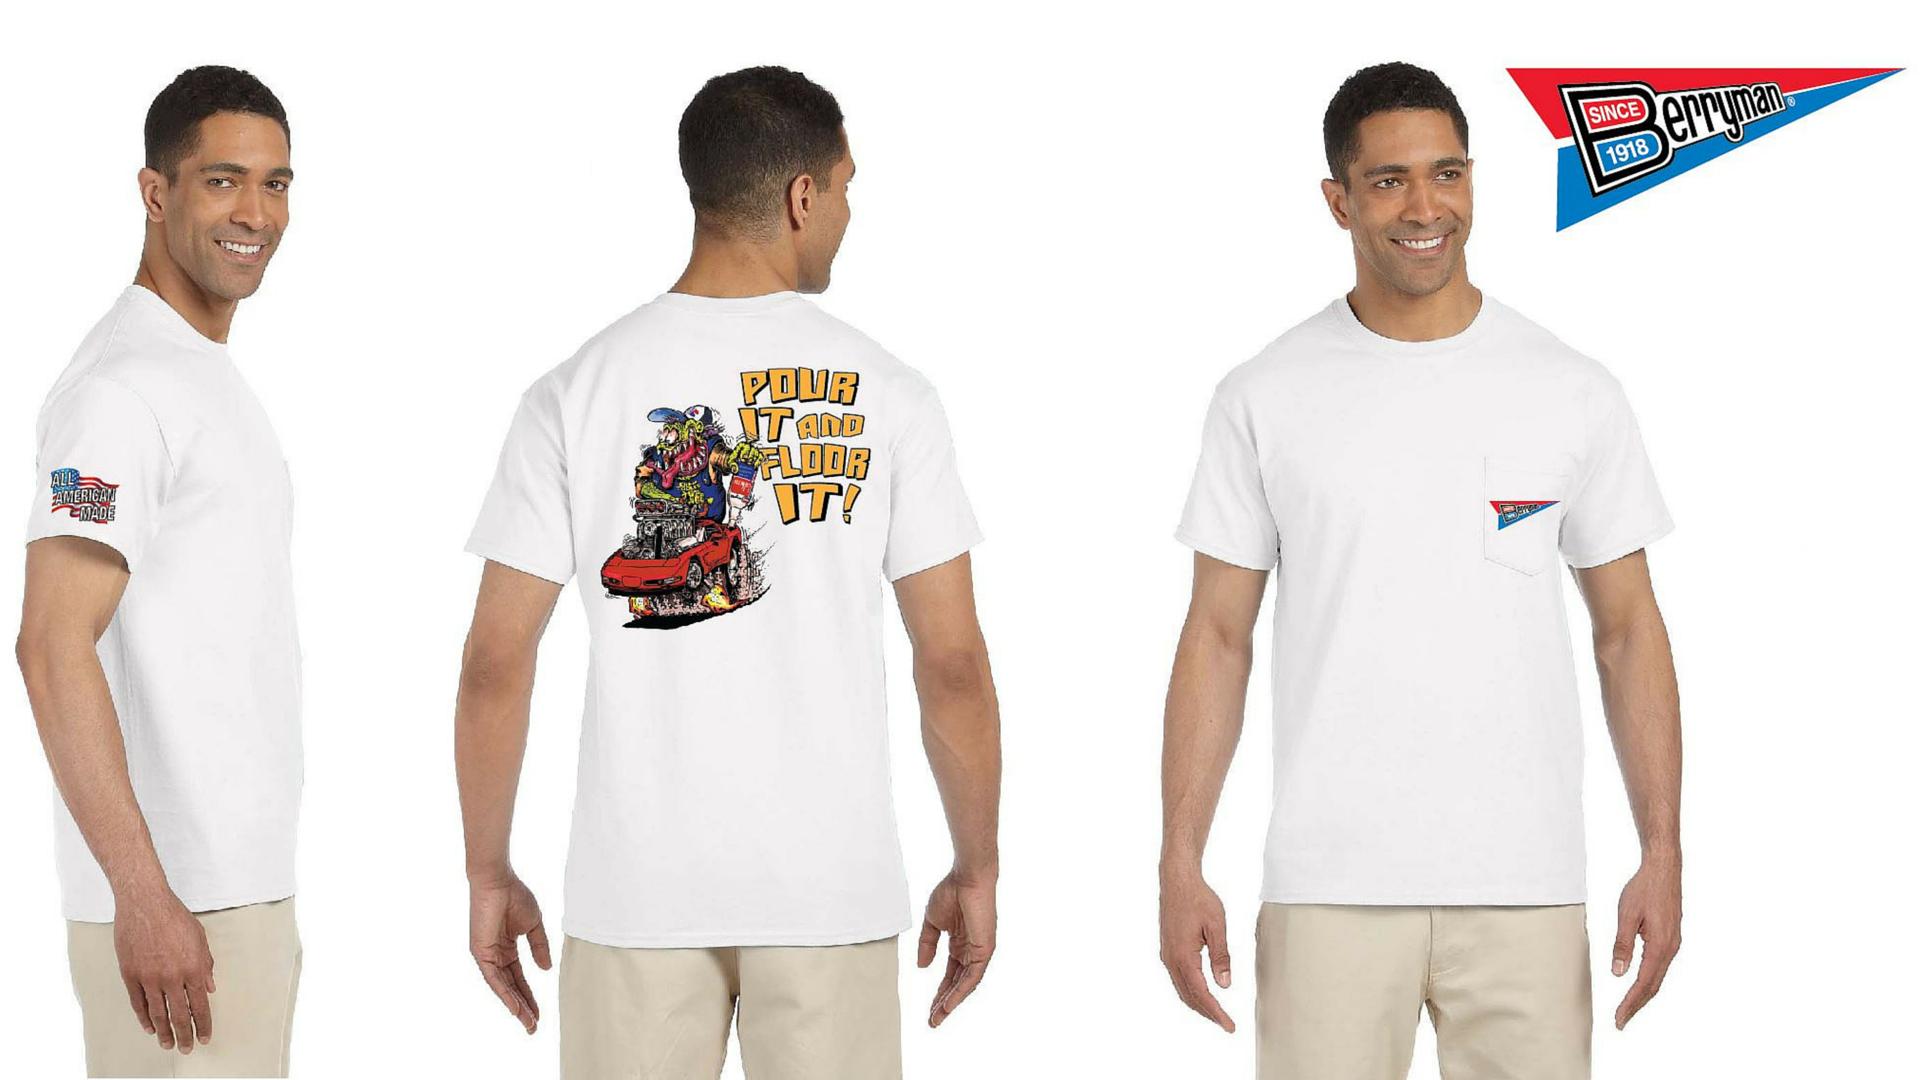 Berryman-Pour-It-and-Floor-It-T-Shirt